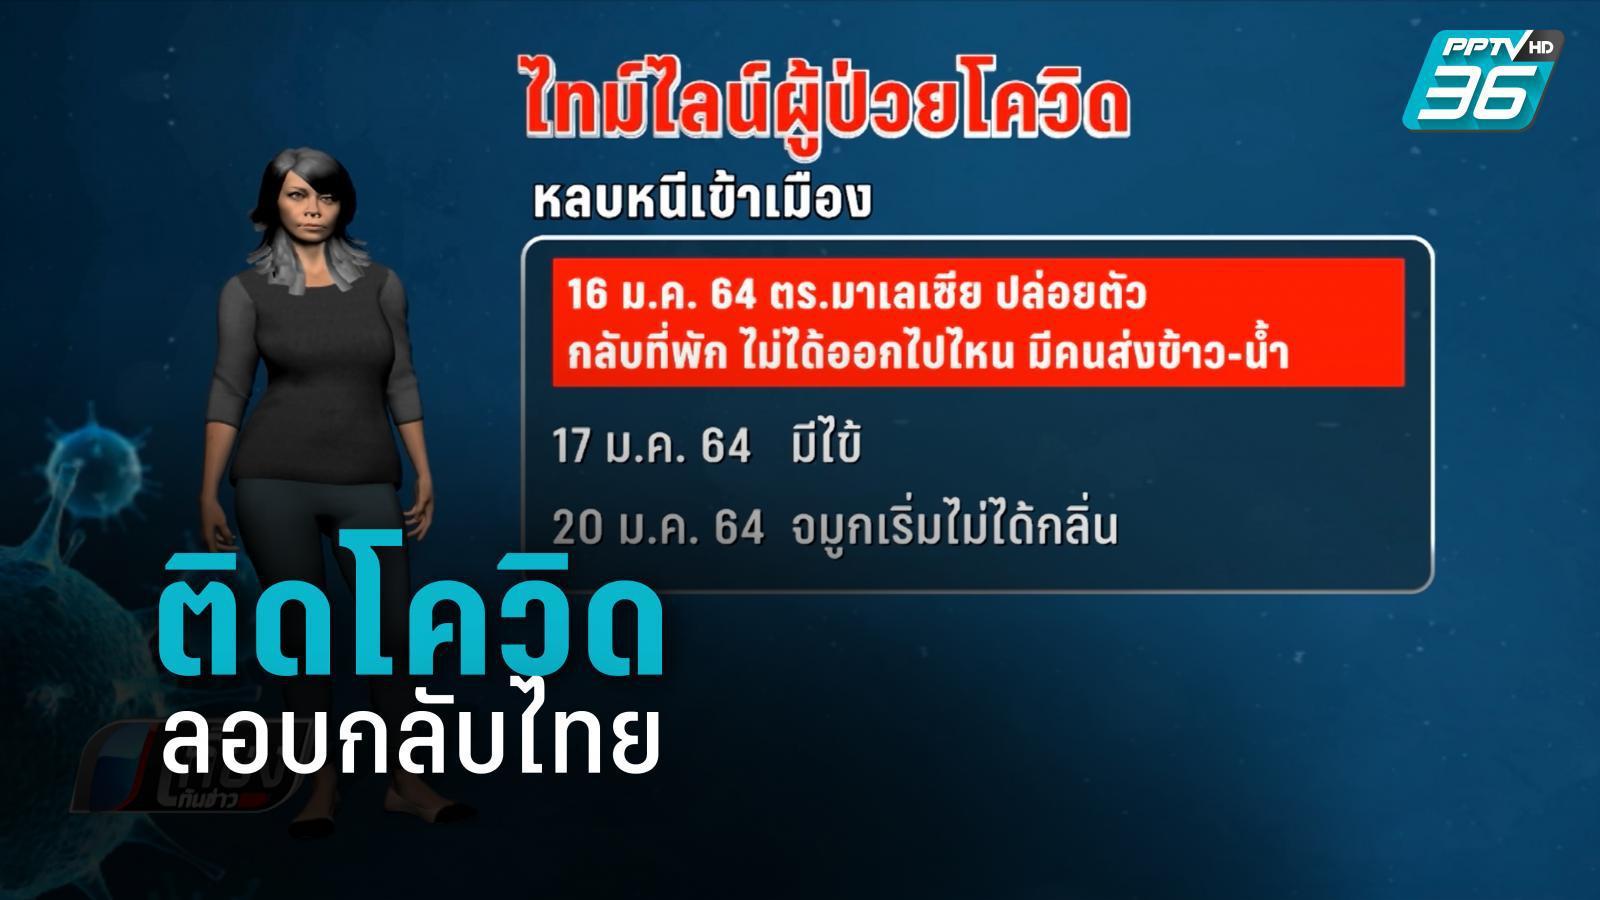 เปิดไทม์ไลน์ หญิงวัย 31 ติดโควิดจากมาเลย์ ลอบกลับไทย นั่งรถตู้เข้า กทม.